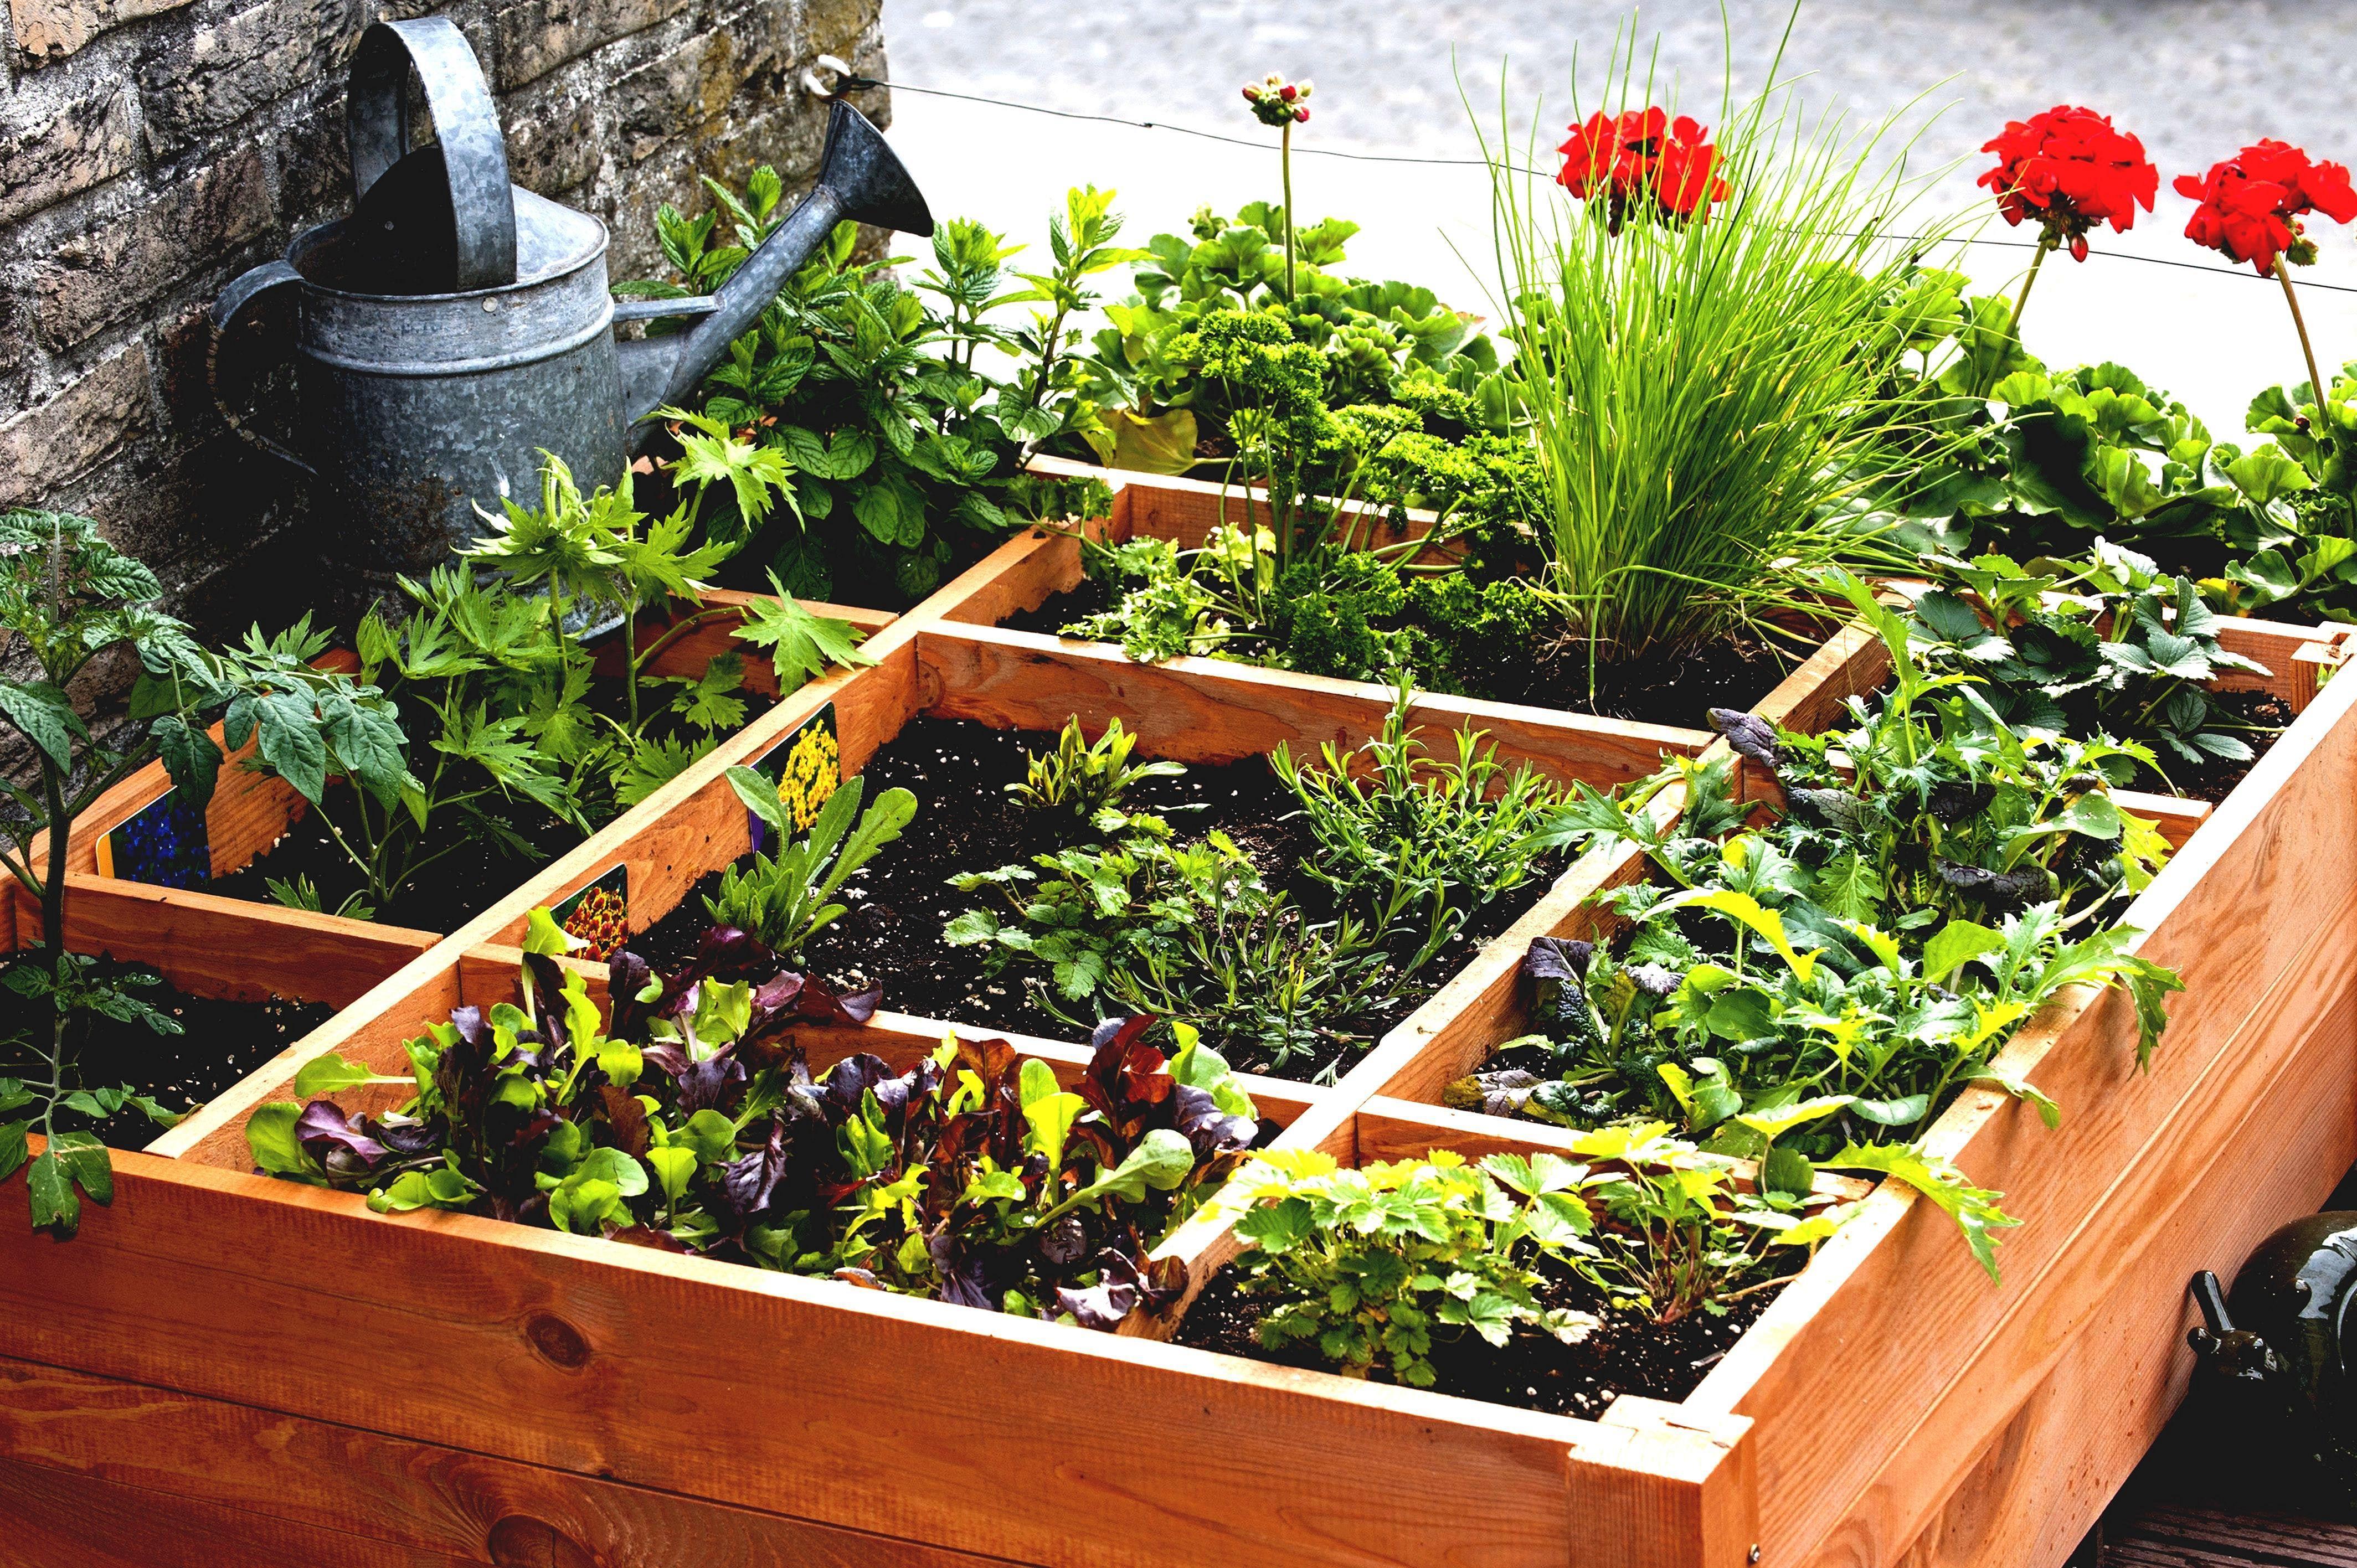 Garden Plan Design Ideas | Small vegetable gardens ...